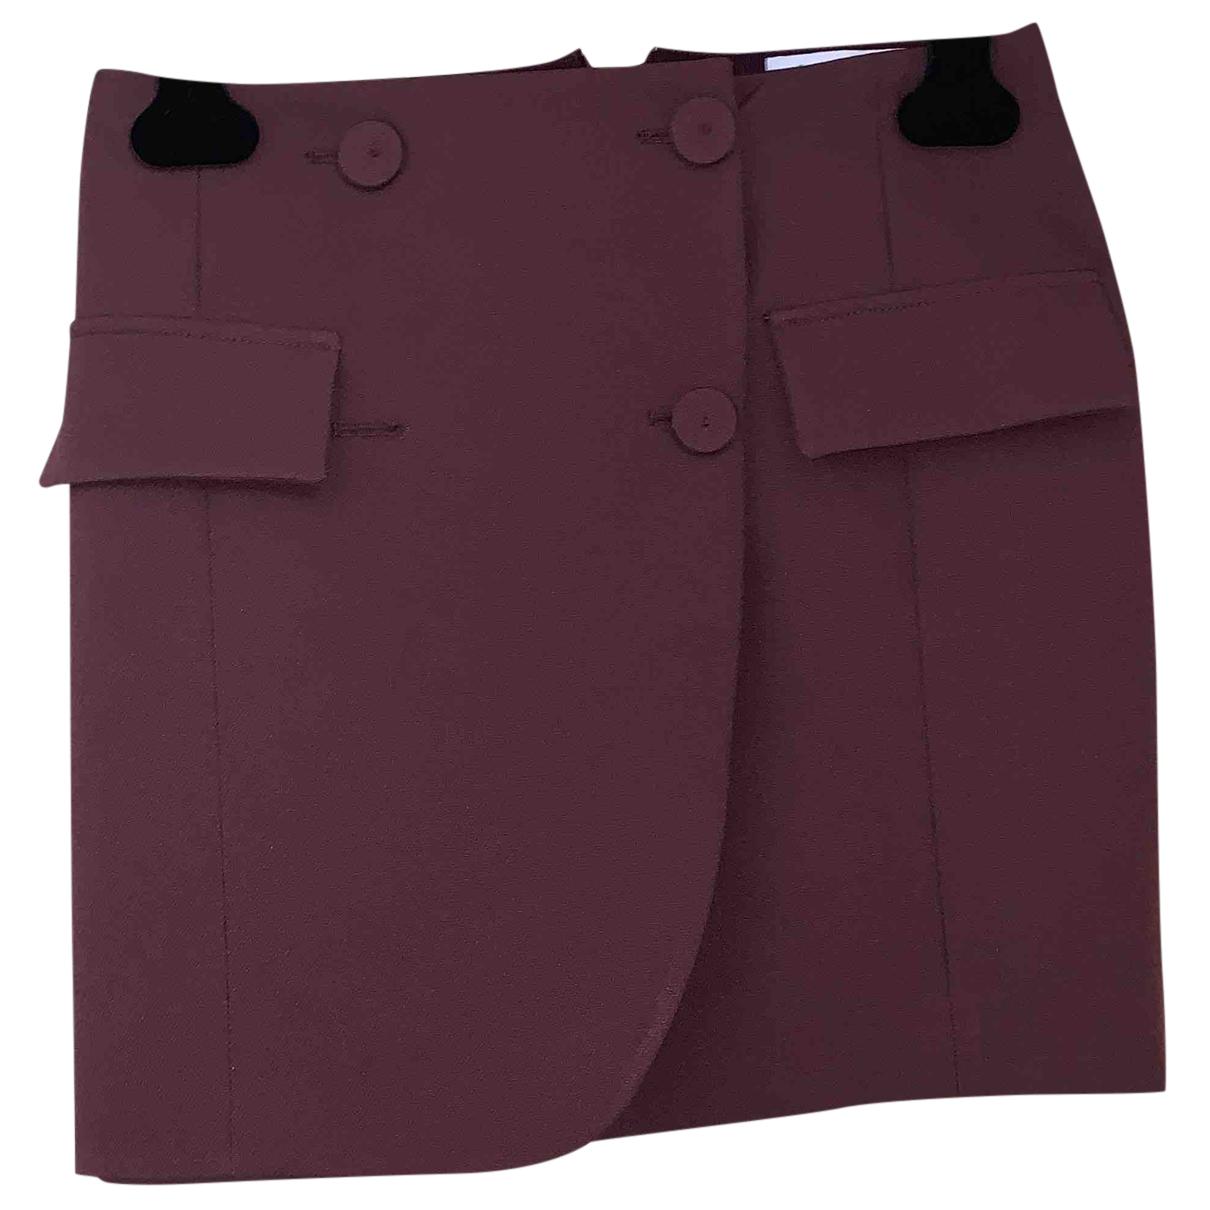 Patrizia Pepe N Burgundy skirt for Women 40 IT